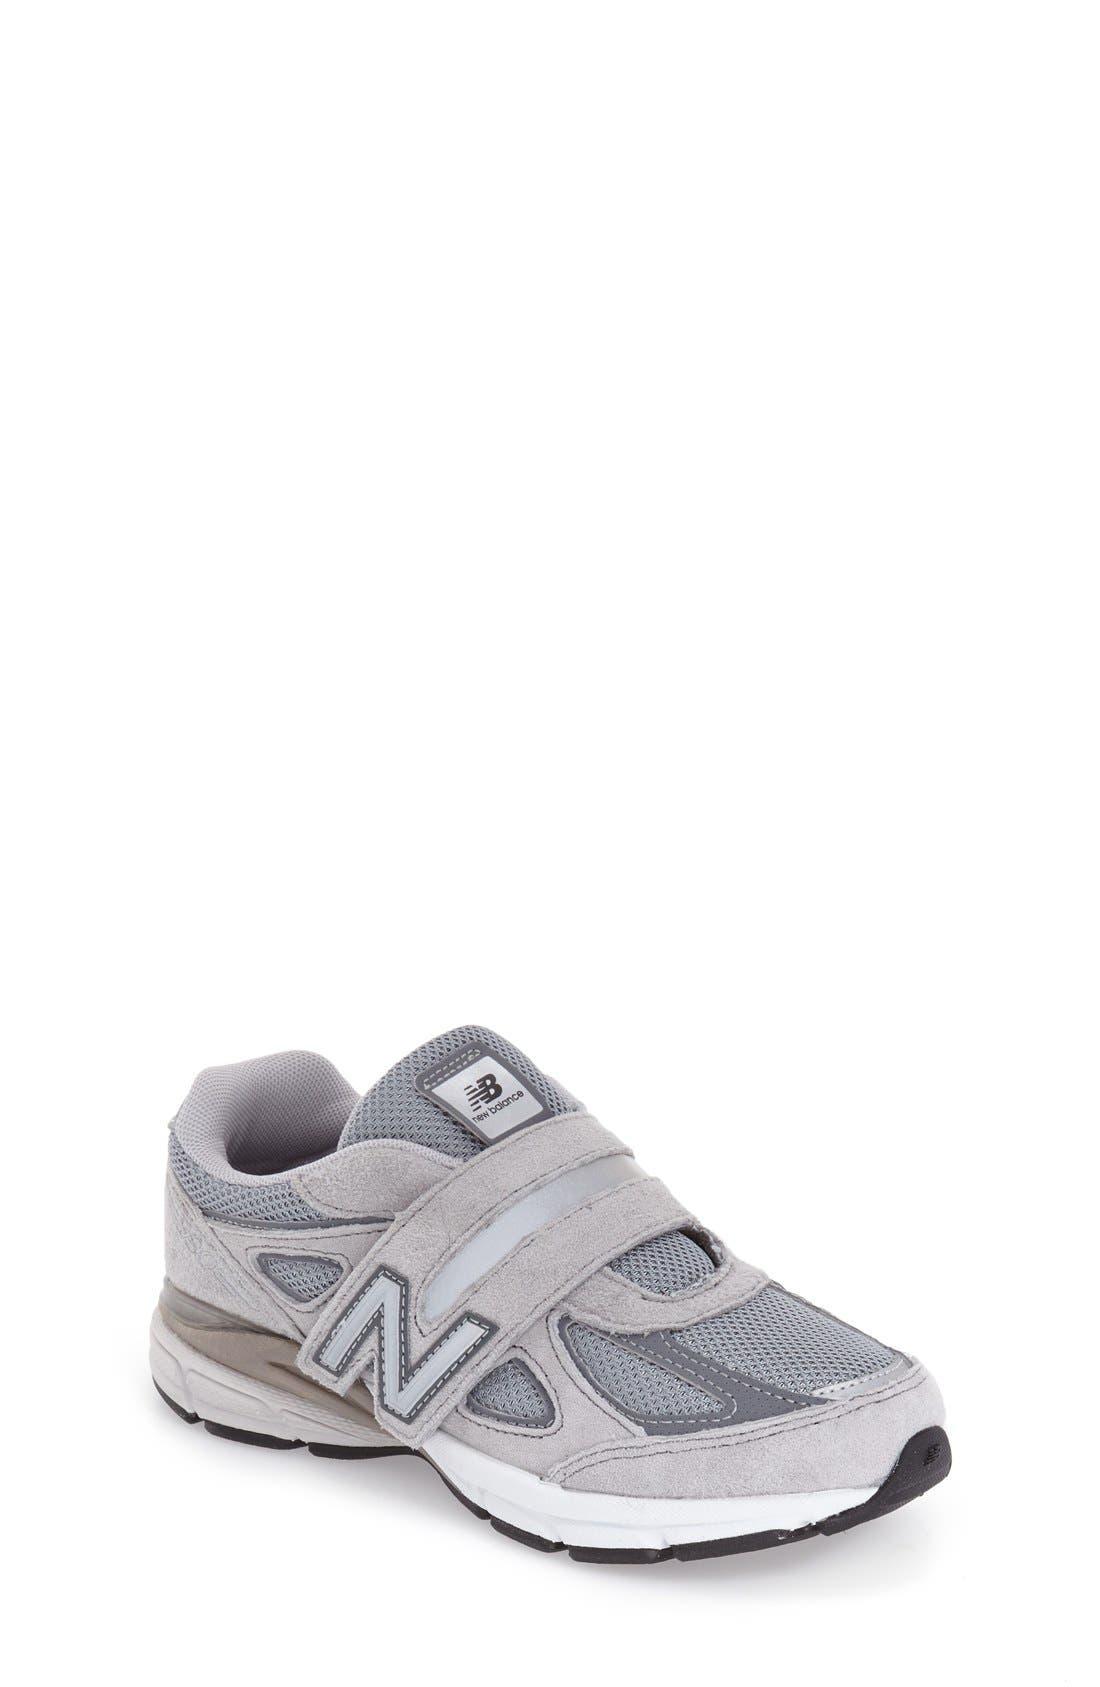 '990v4' Sneaker,                             Main thumbnail 1, color,                             Grey